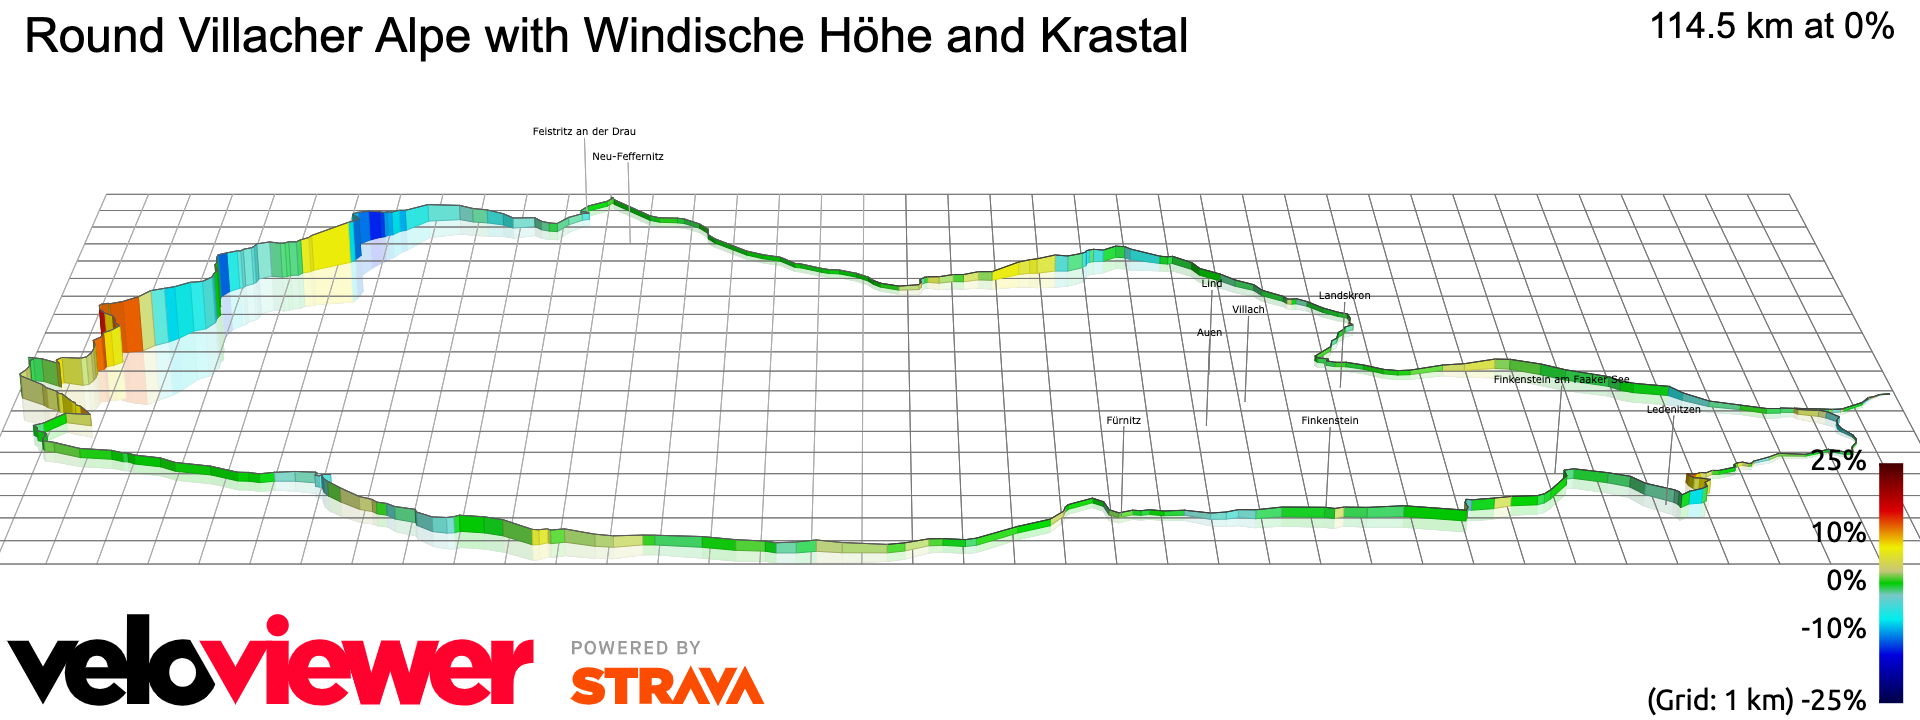 Höhenprofil Rund um die Villacher Alpe mit Windische Höhe